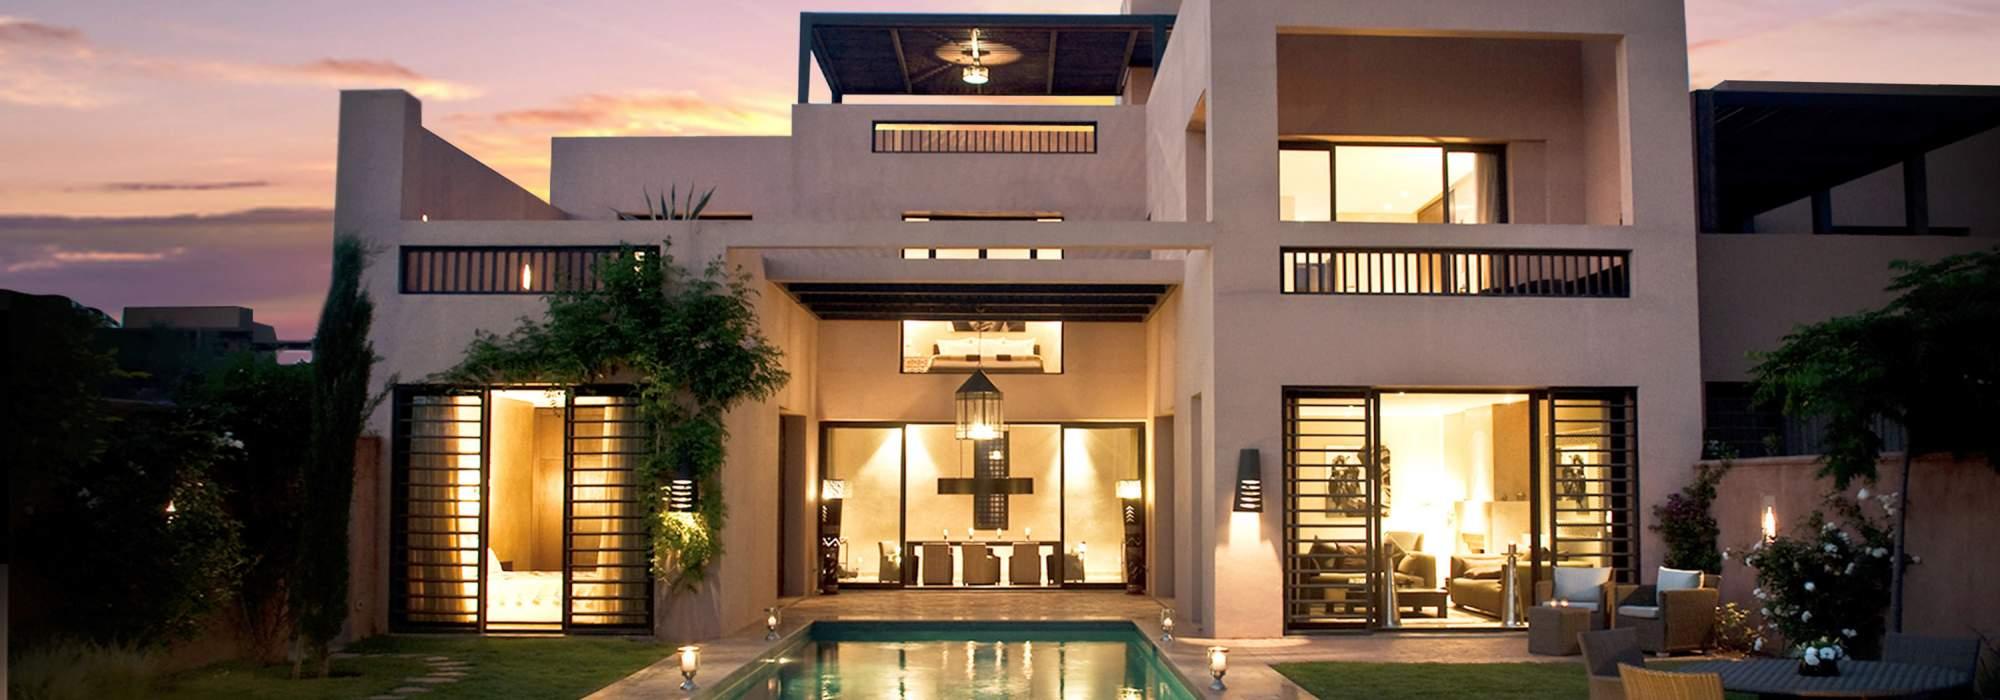 Villa Riad neuve sur golf proche de marrakech